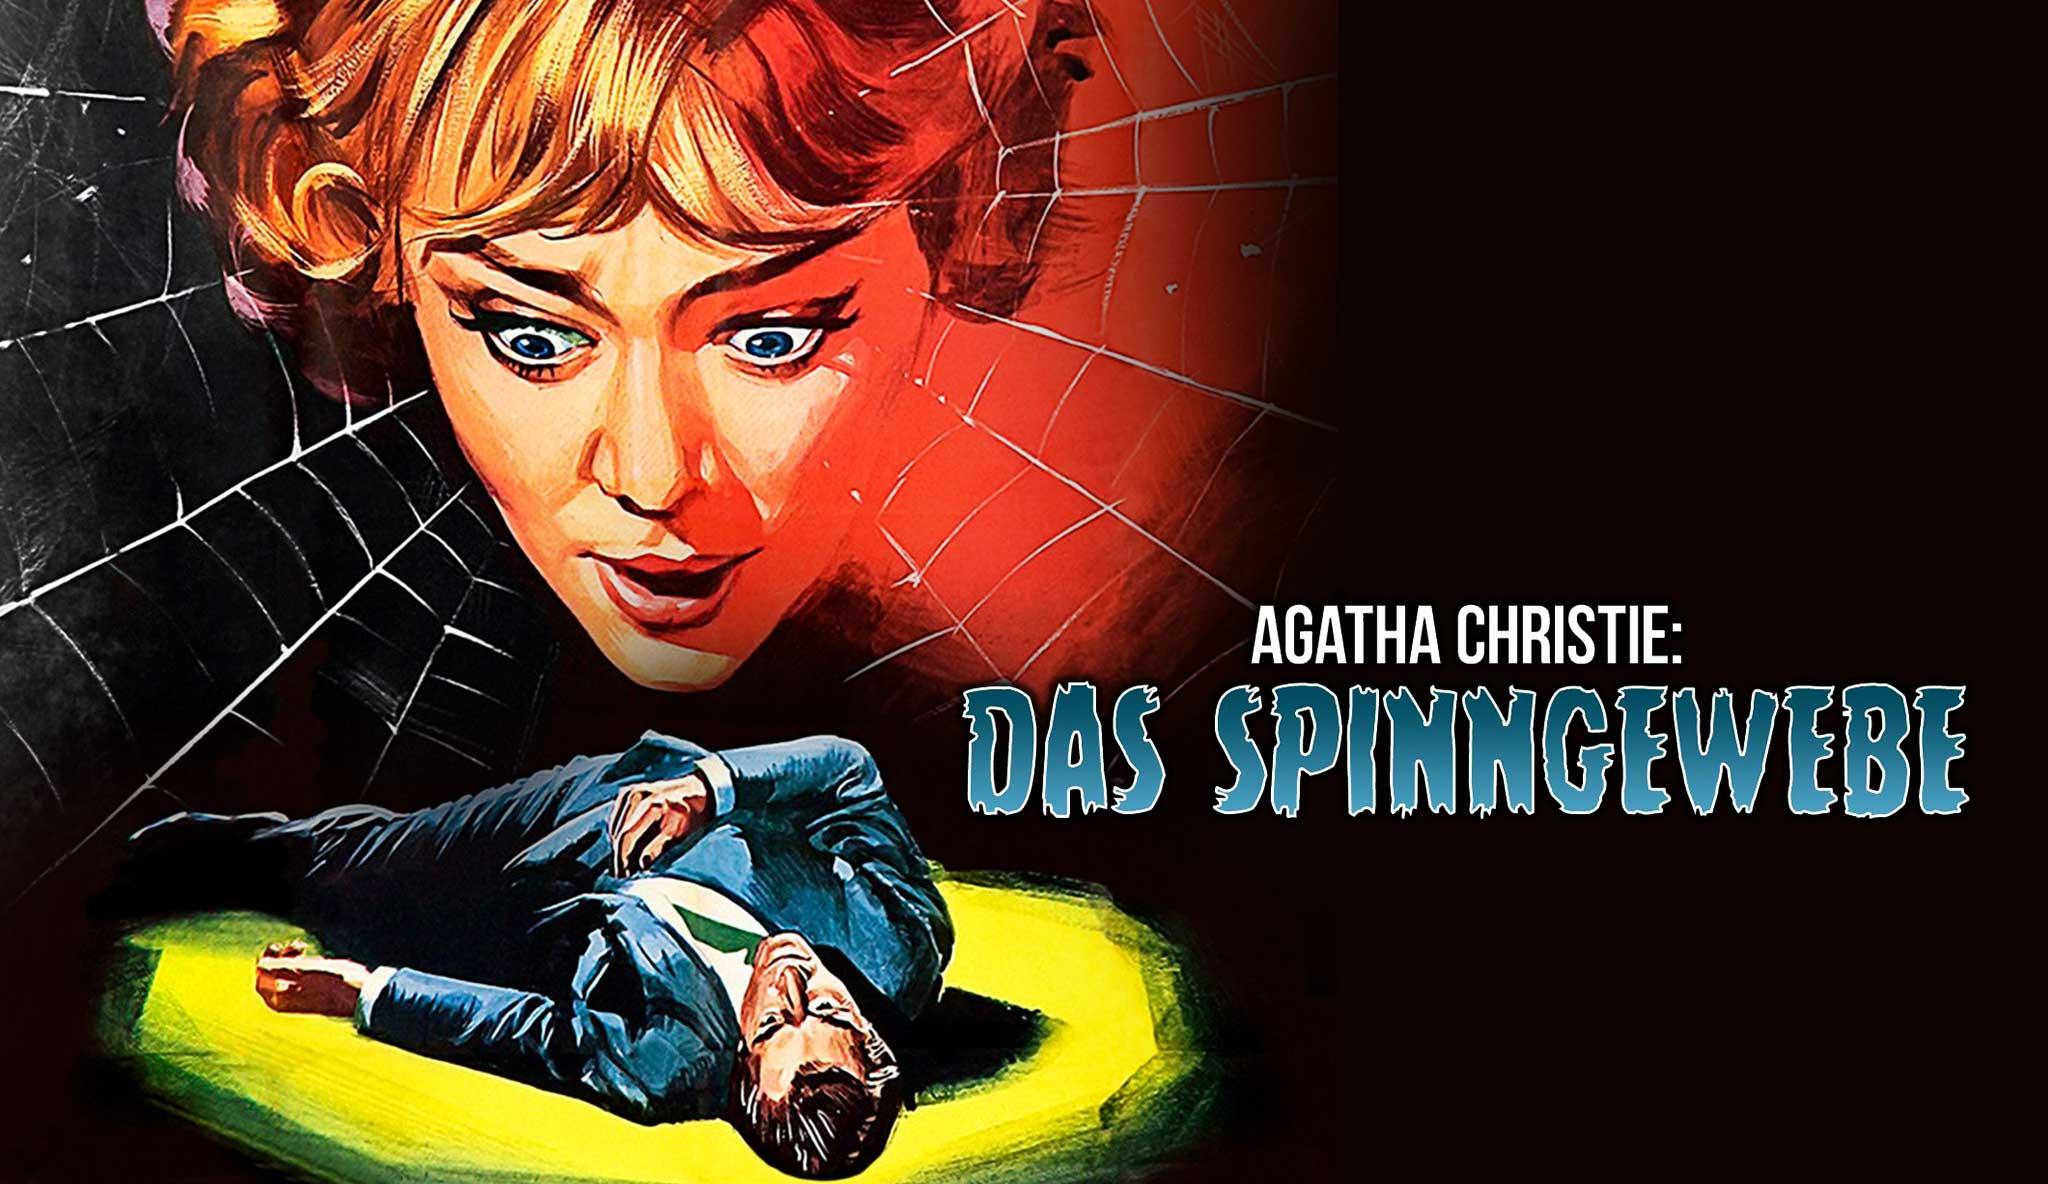 agatha-christie-das-spinngewebe\header.jpg